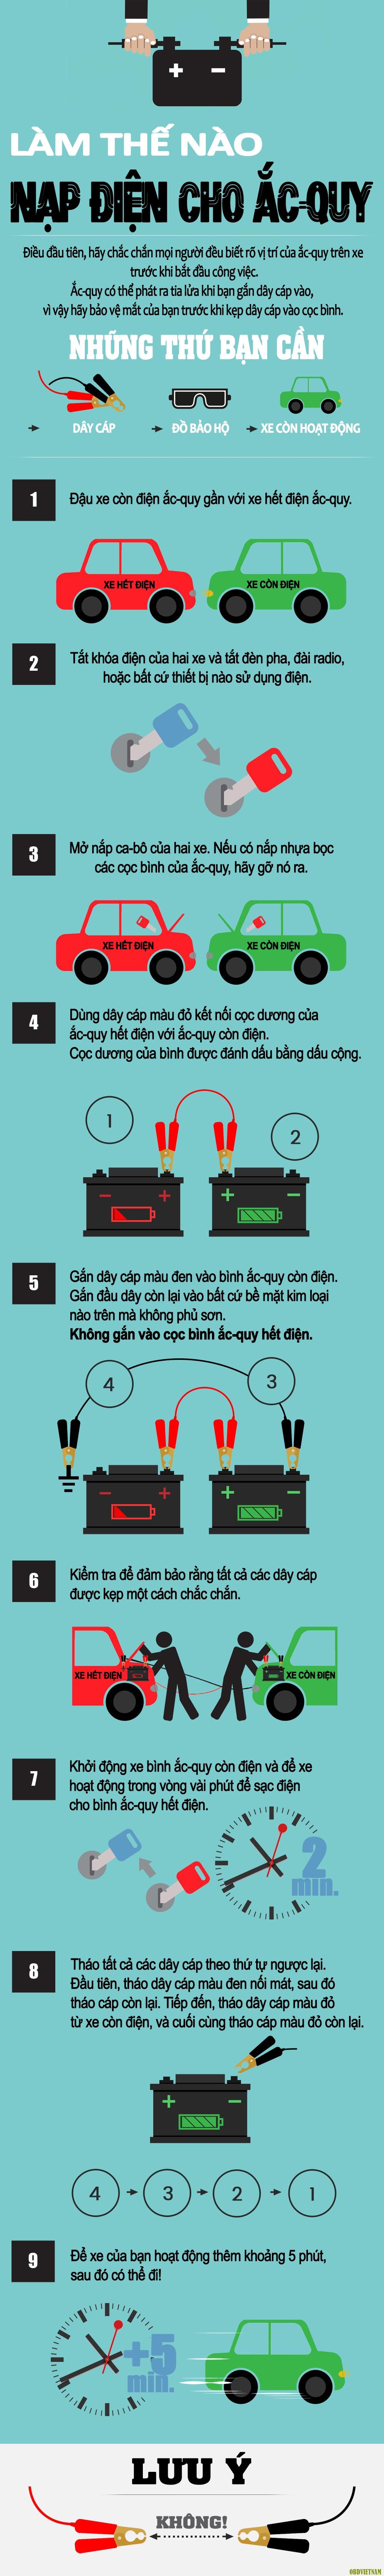 Infographic -  làm thế nào để nạp điện cho ắc quy